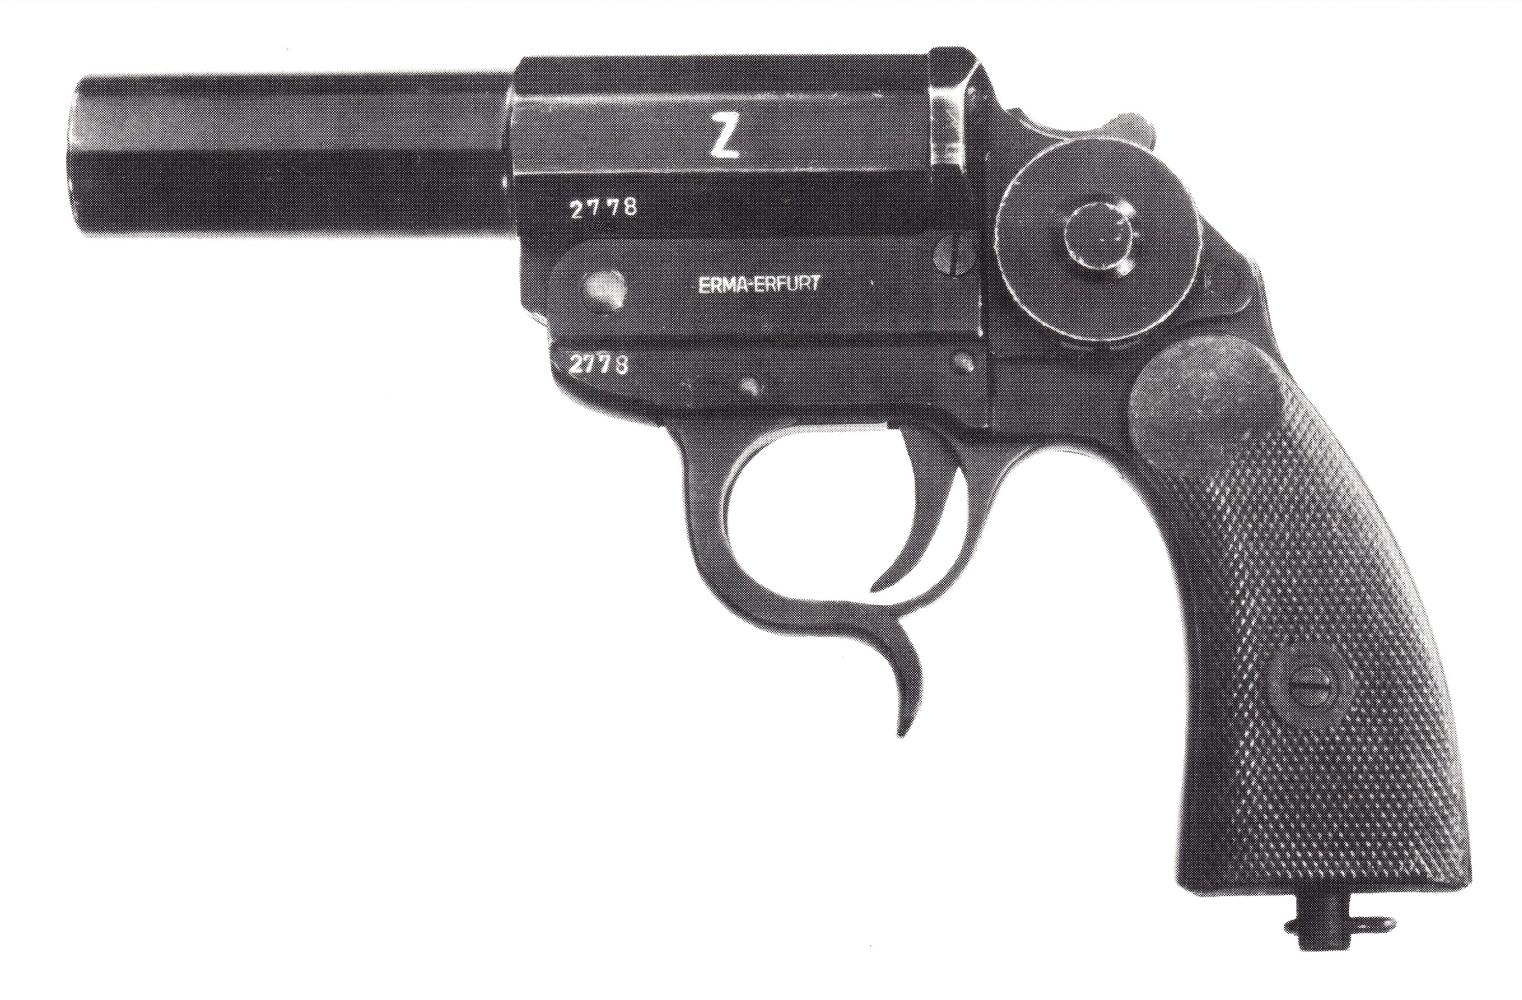 """Kampfpistole fabriqué par la firme Erma, immédiatement reconnaissable à la lettre """"Z"""" gravée sur le côté gauche de son canon rayé. Cet exemplaire est de plus muni du niveau à bulle permettant de définir avec précision l'angle de tir."""